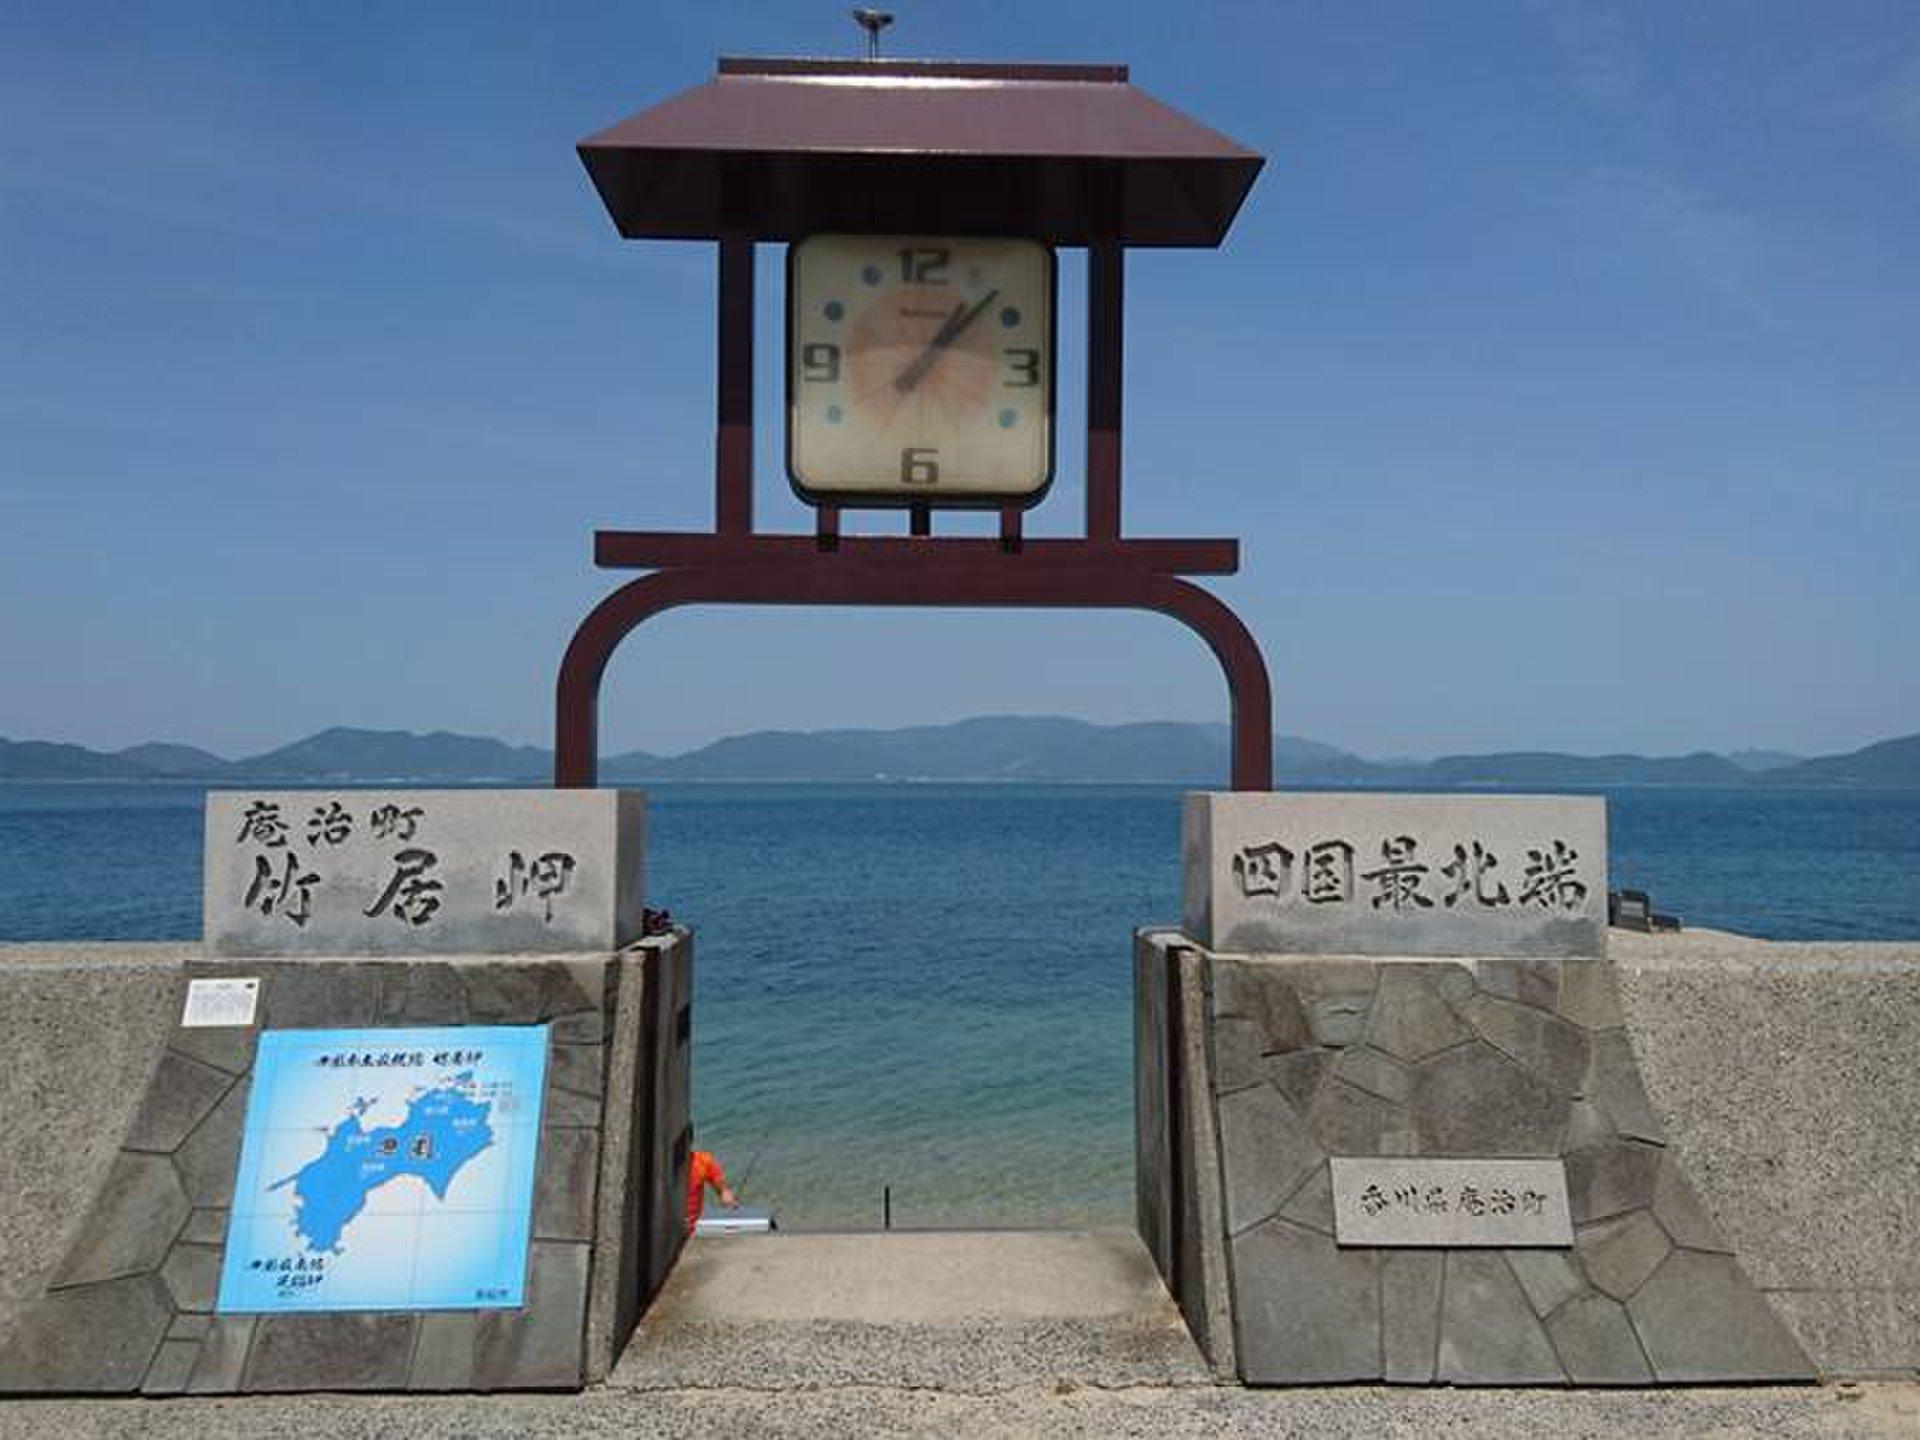 香川県はうどんだけじゃない!庵治編 大人隠れスポットをご紹介 最高の景色を独り占め